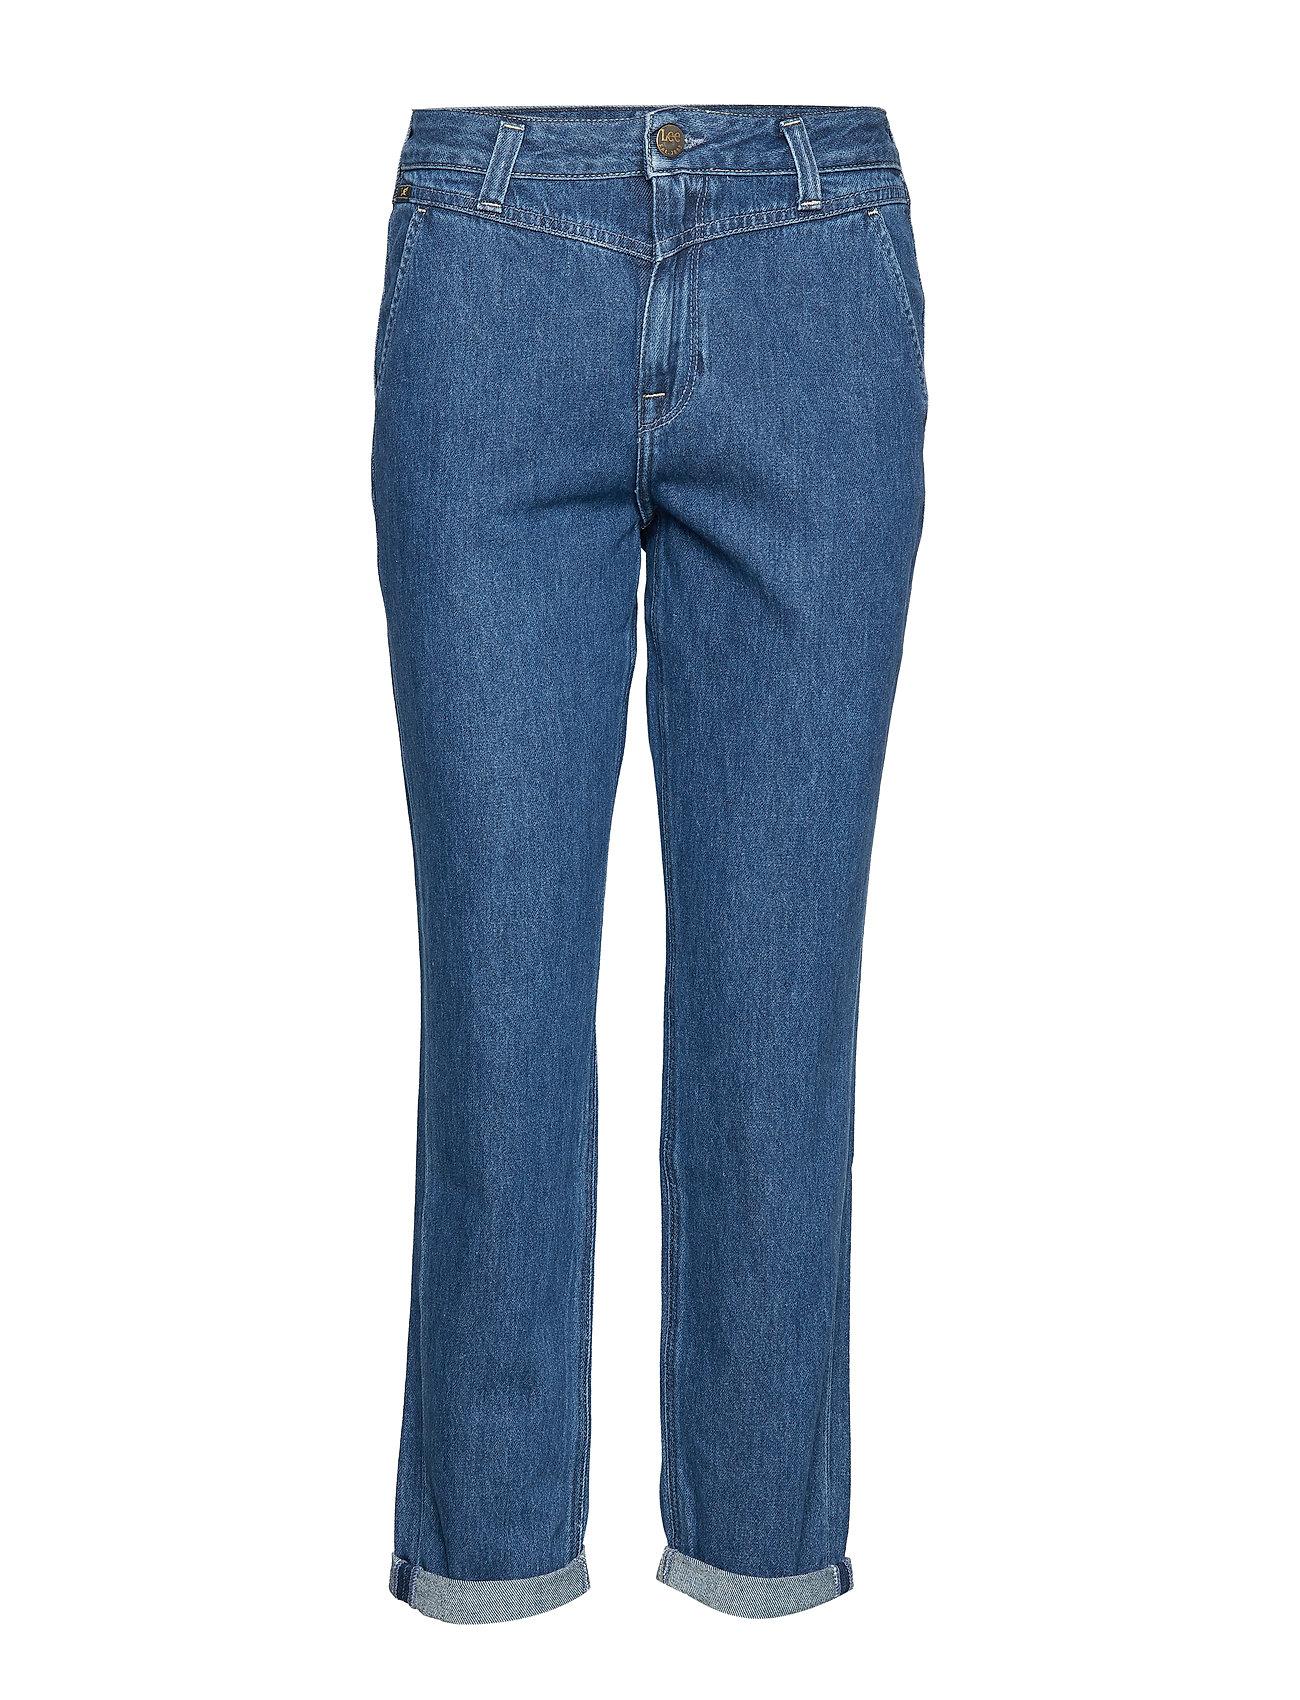 Lee Jeans SEASONAL MOM - TIC